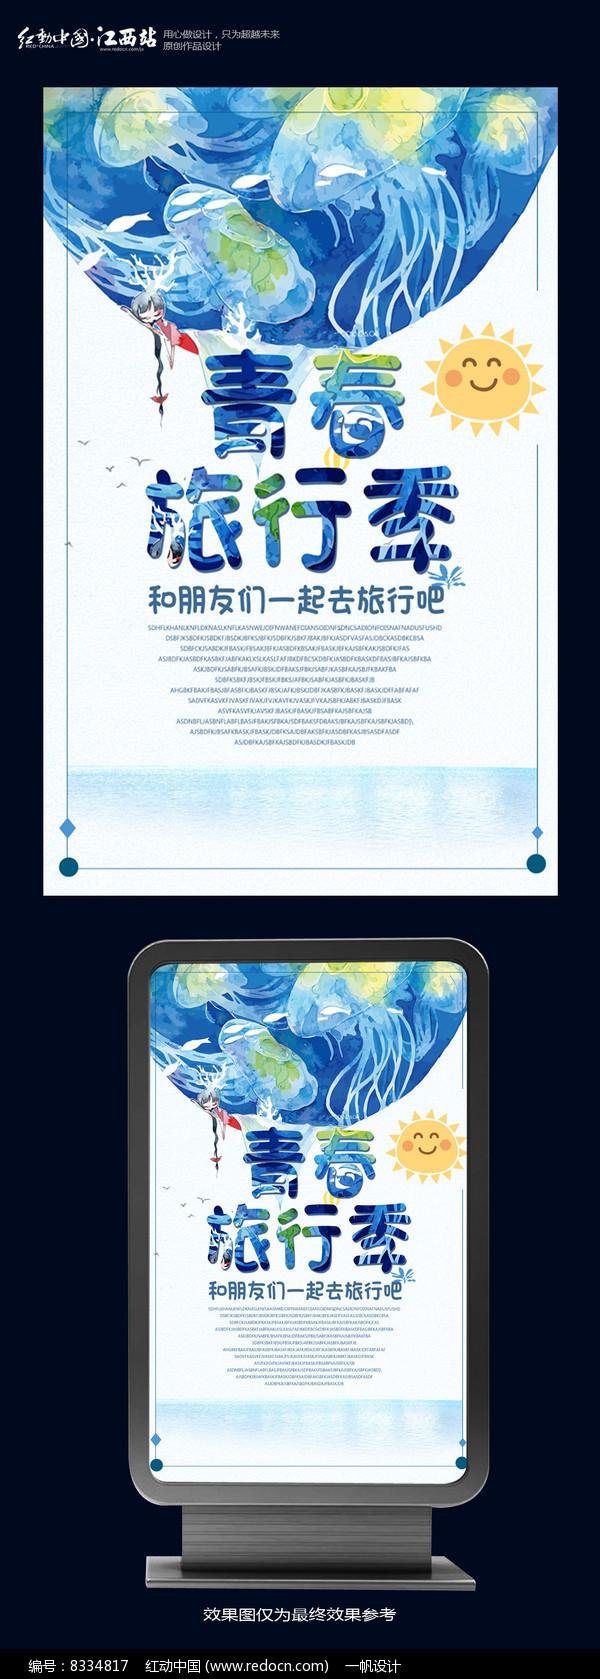 清新毕业旅行海报图片